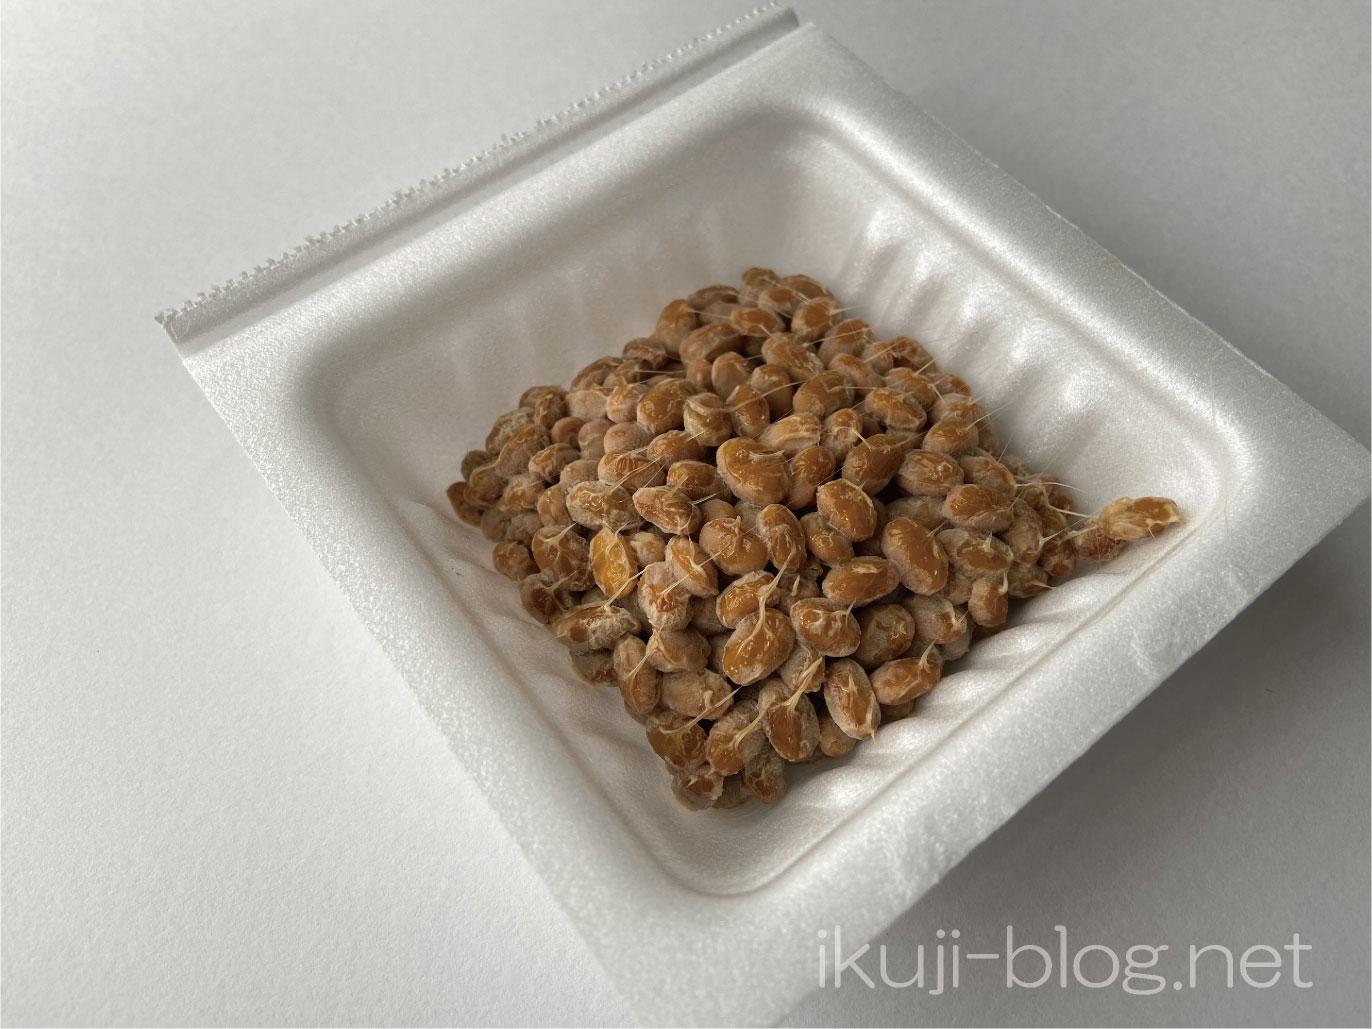 パック入りの納豆